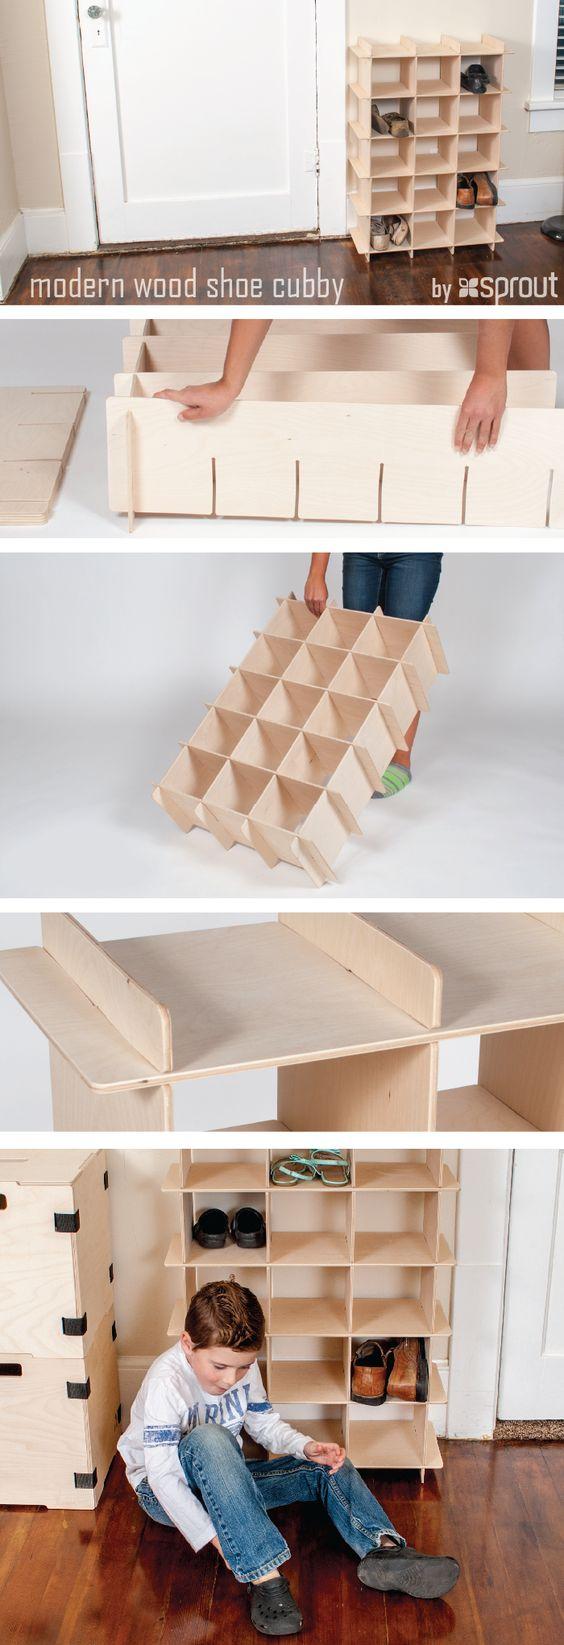 zapatero extraible para modulo de armario espaceo comunidad leroy merlin closets pinterest storage and storage ideas